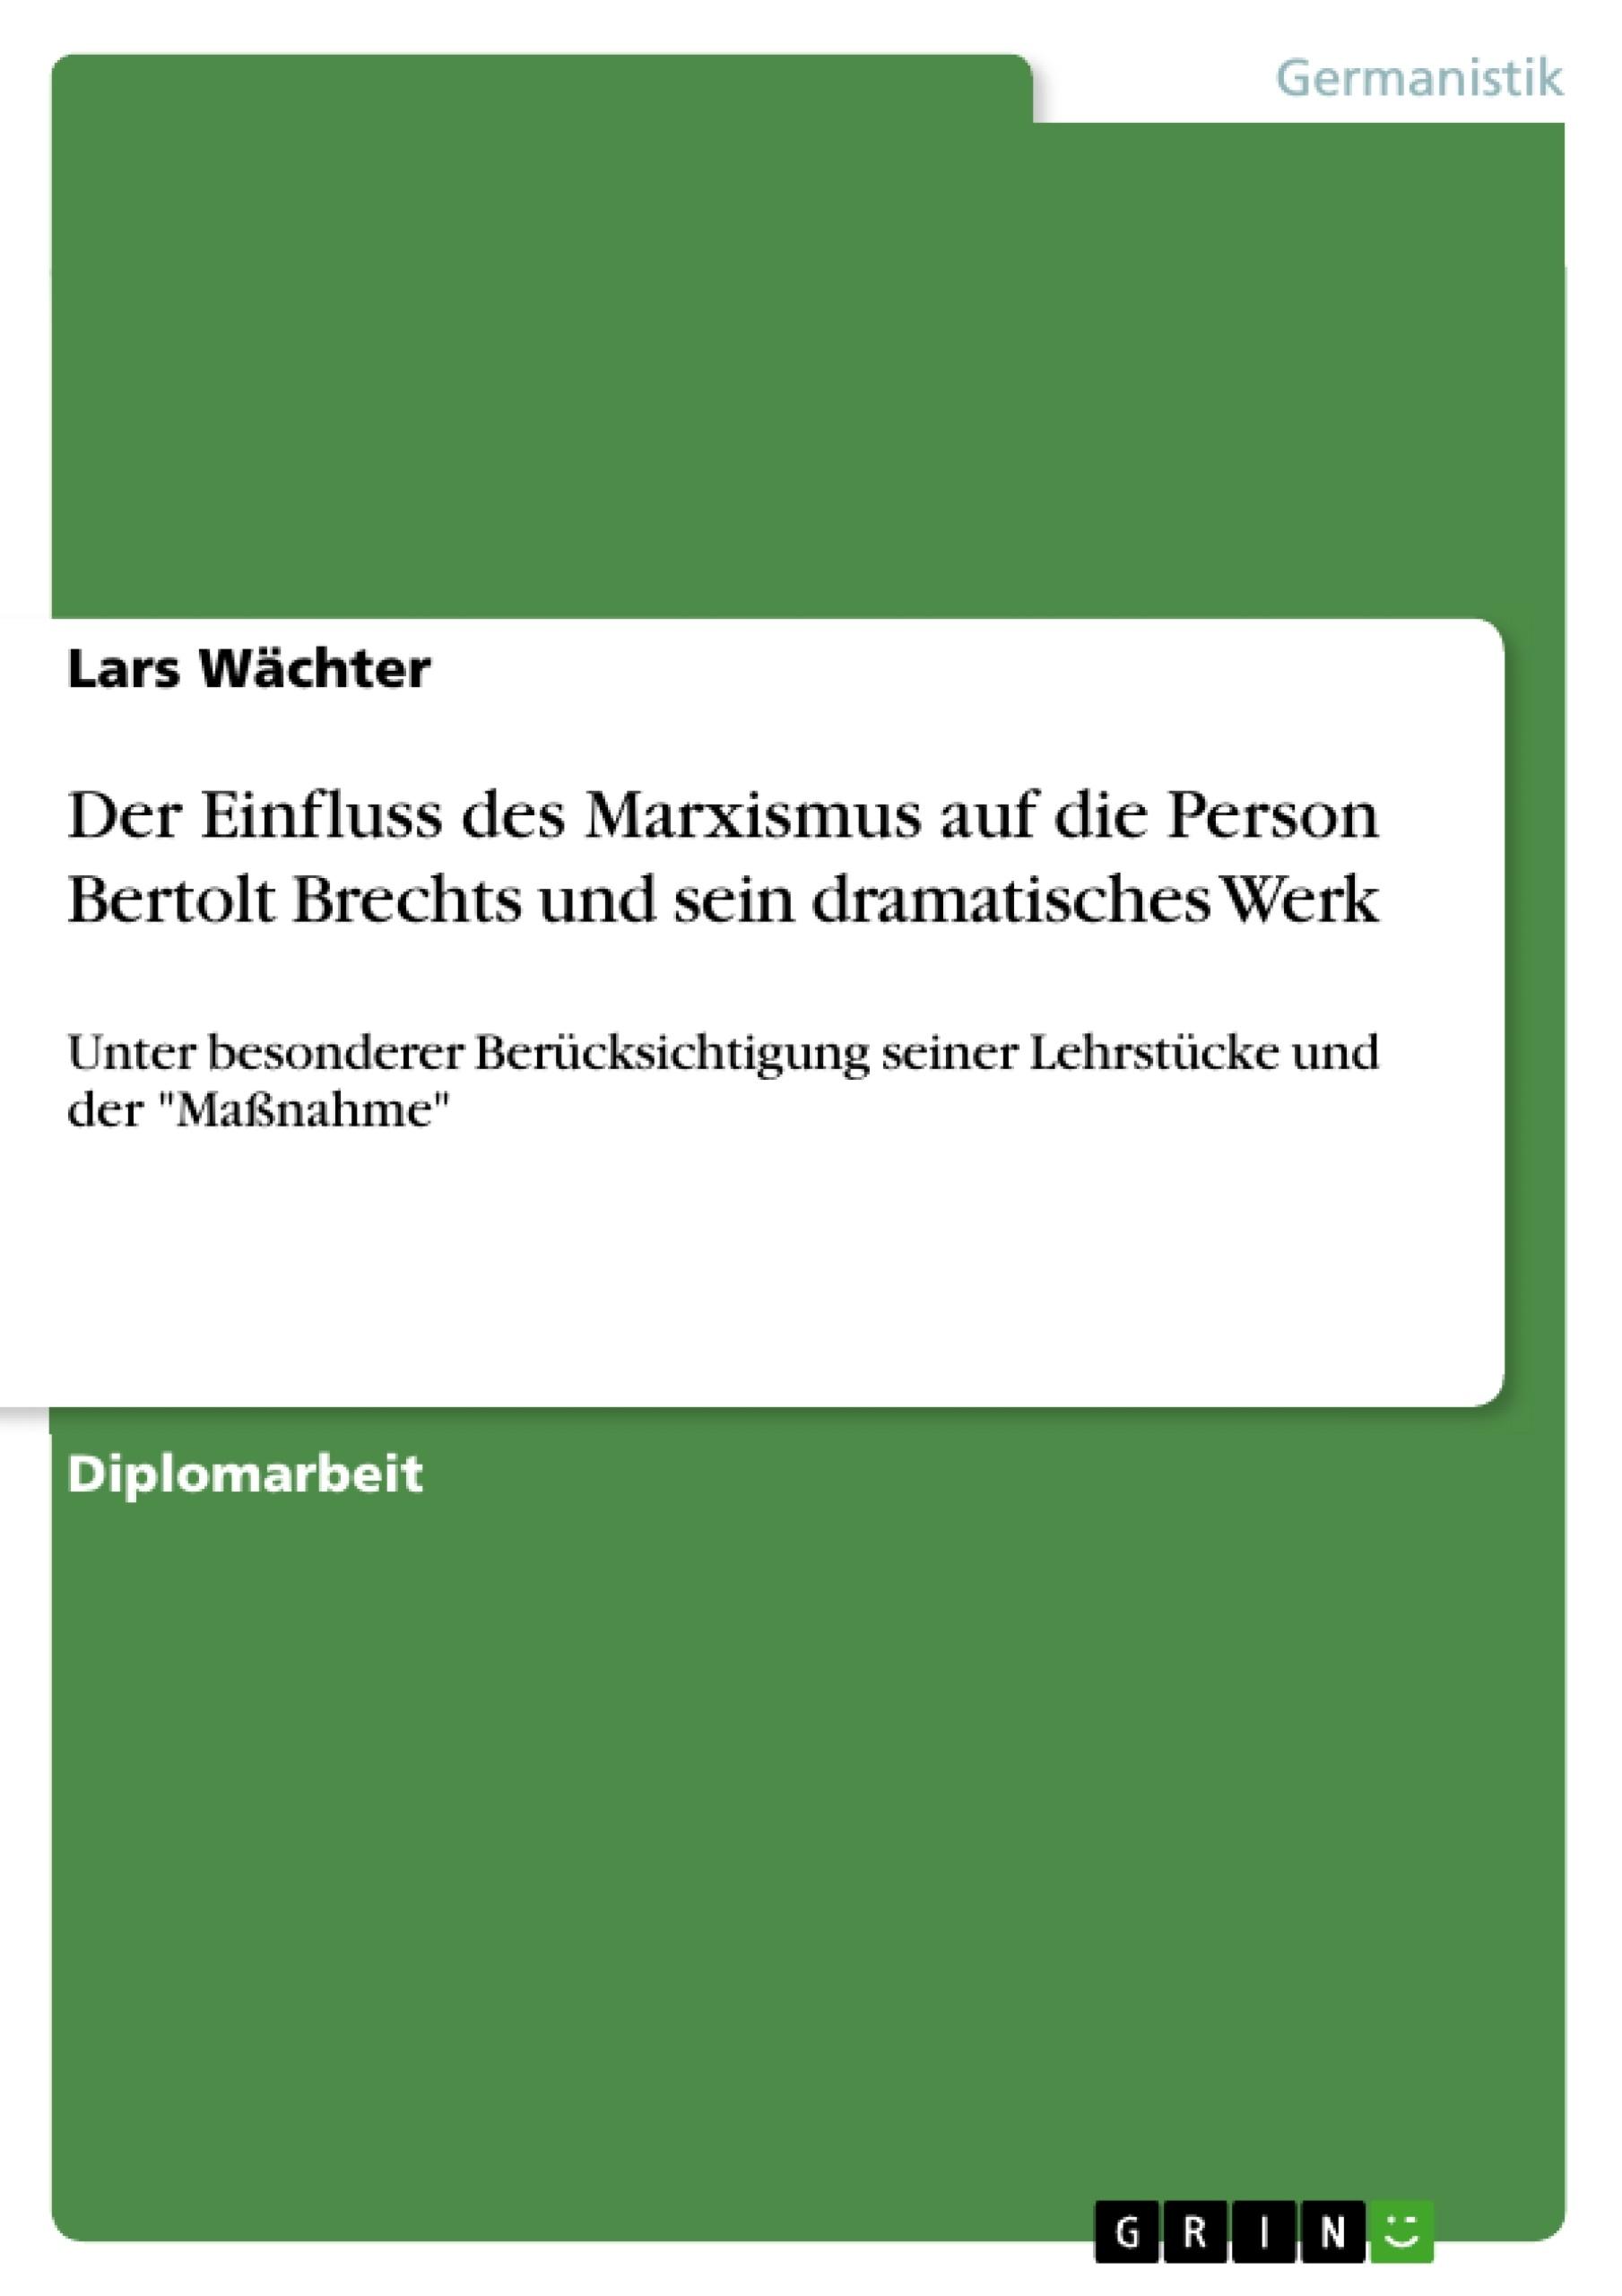 Titel: Der Einfluss des Marxismus auf die Person Bertolt Brechts und sein dramatisches Werk